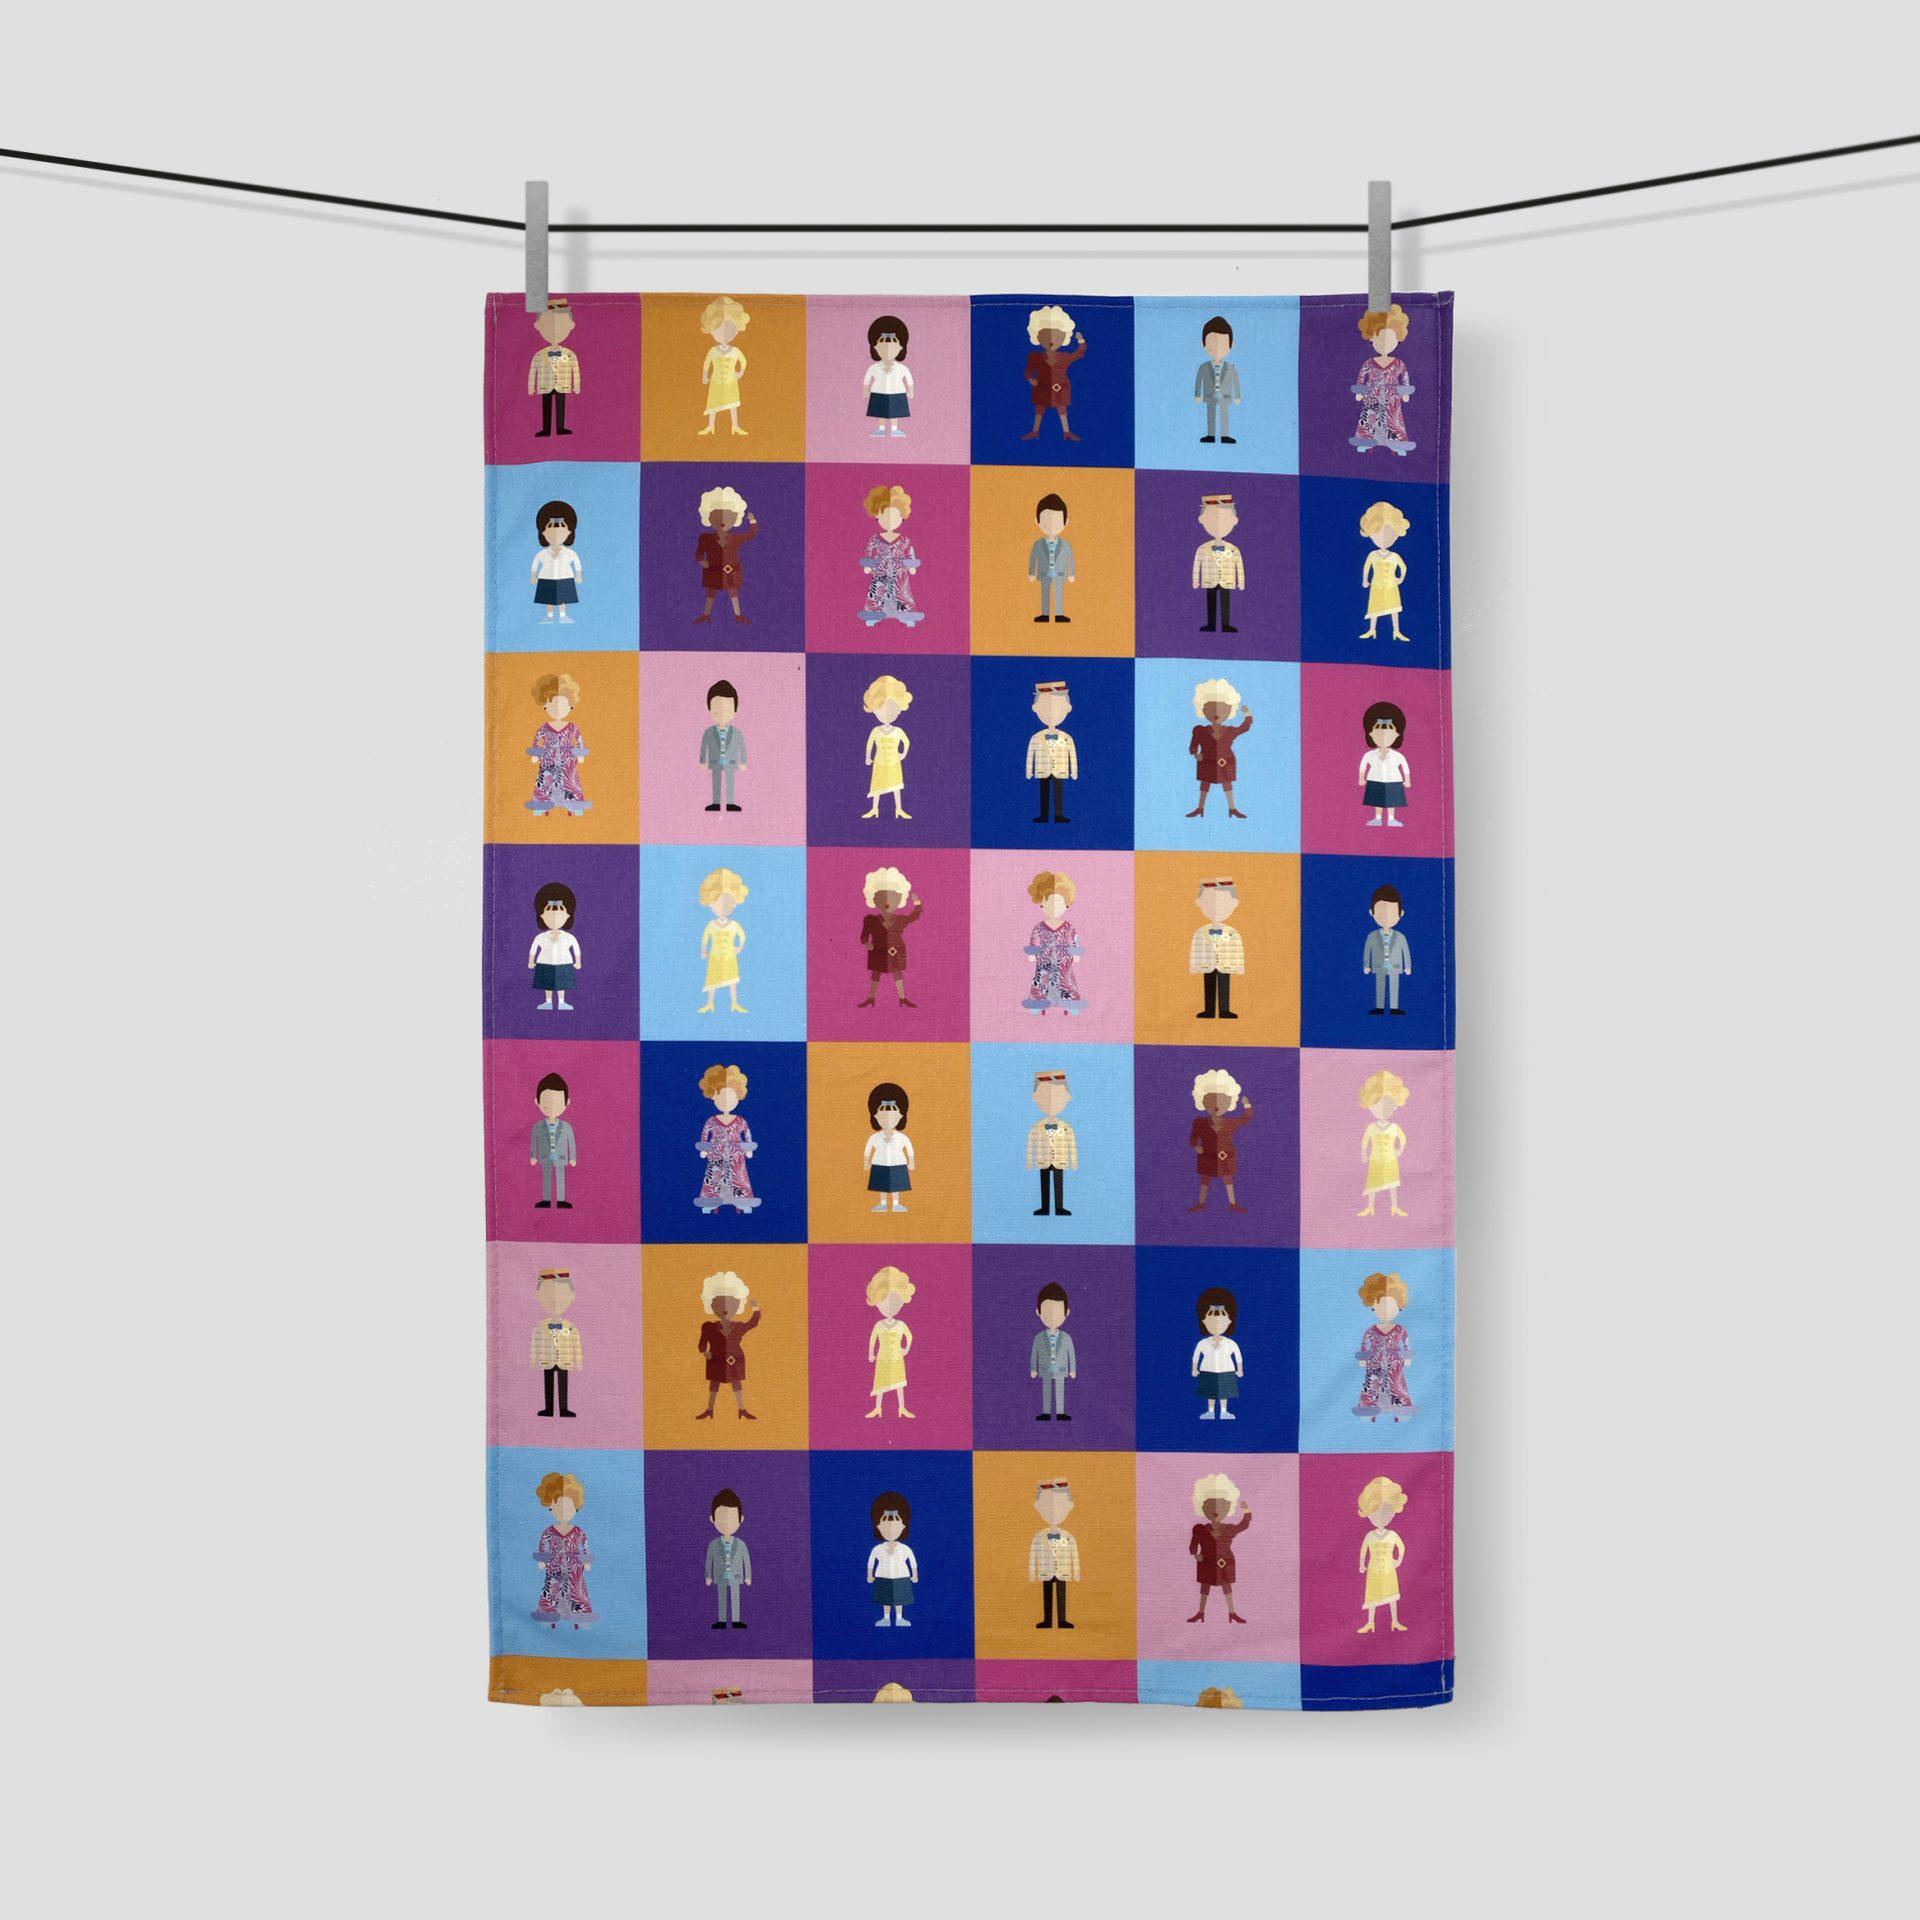 Hairspray prnted tea towel made in the UK by Paul Brisotw's